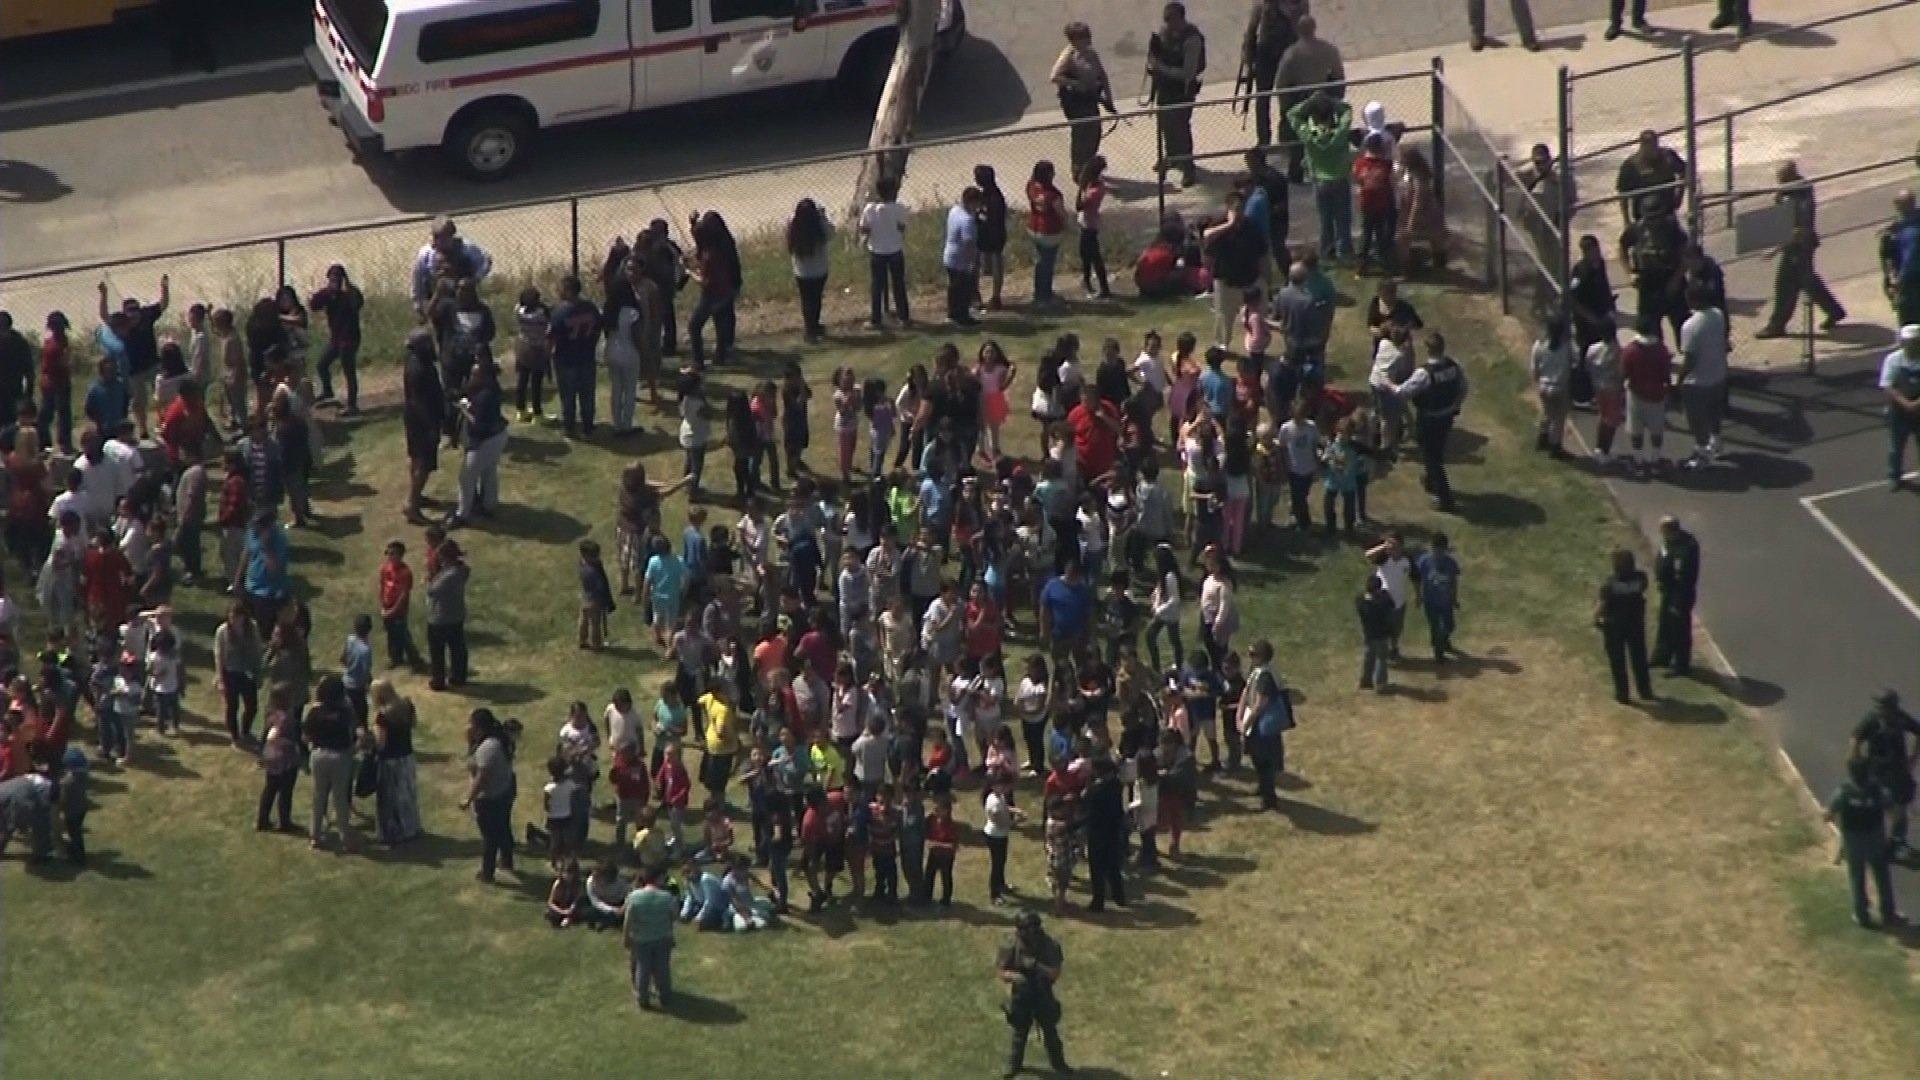 Brief marriage precedes fatal San Bernardino school shooting